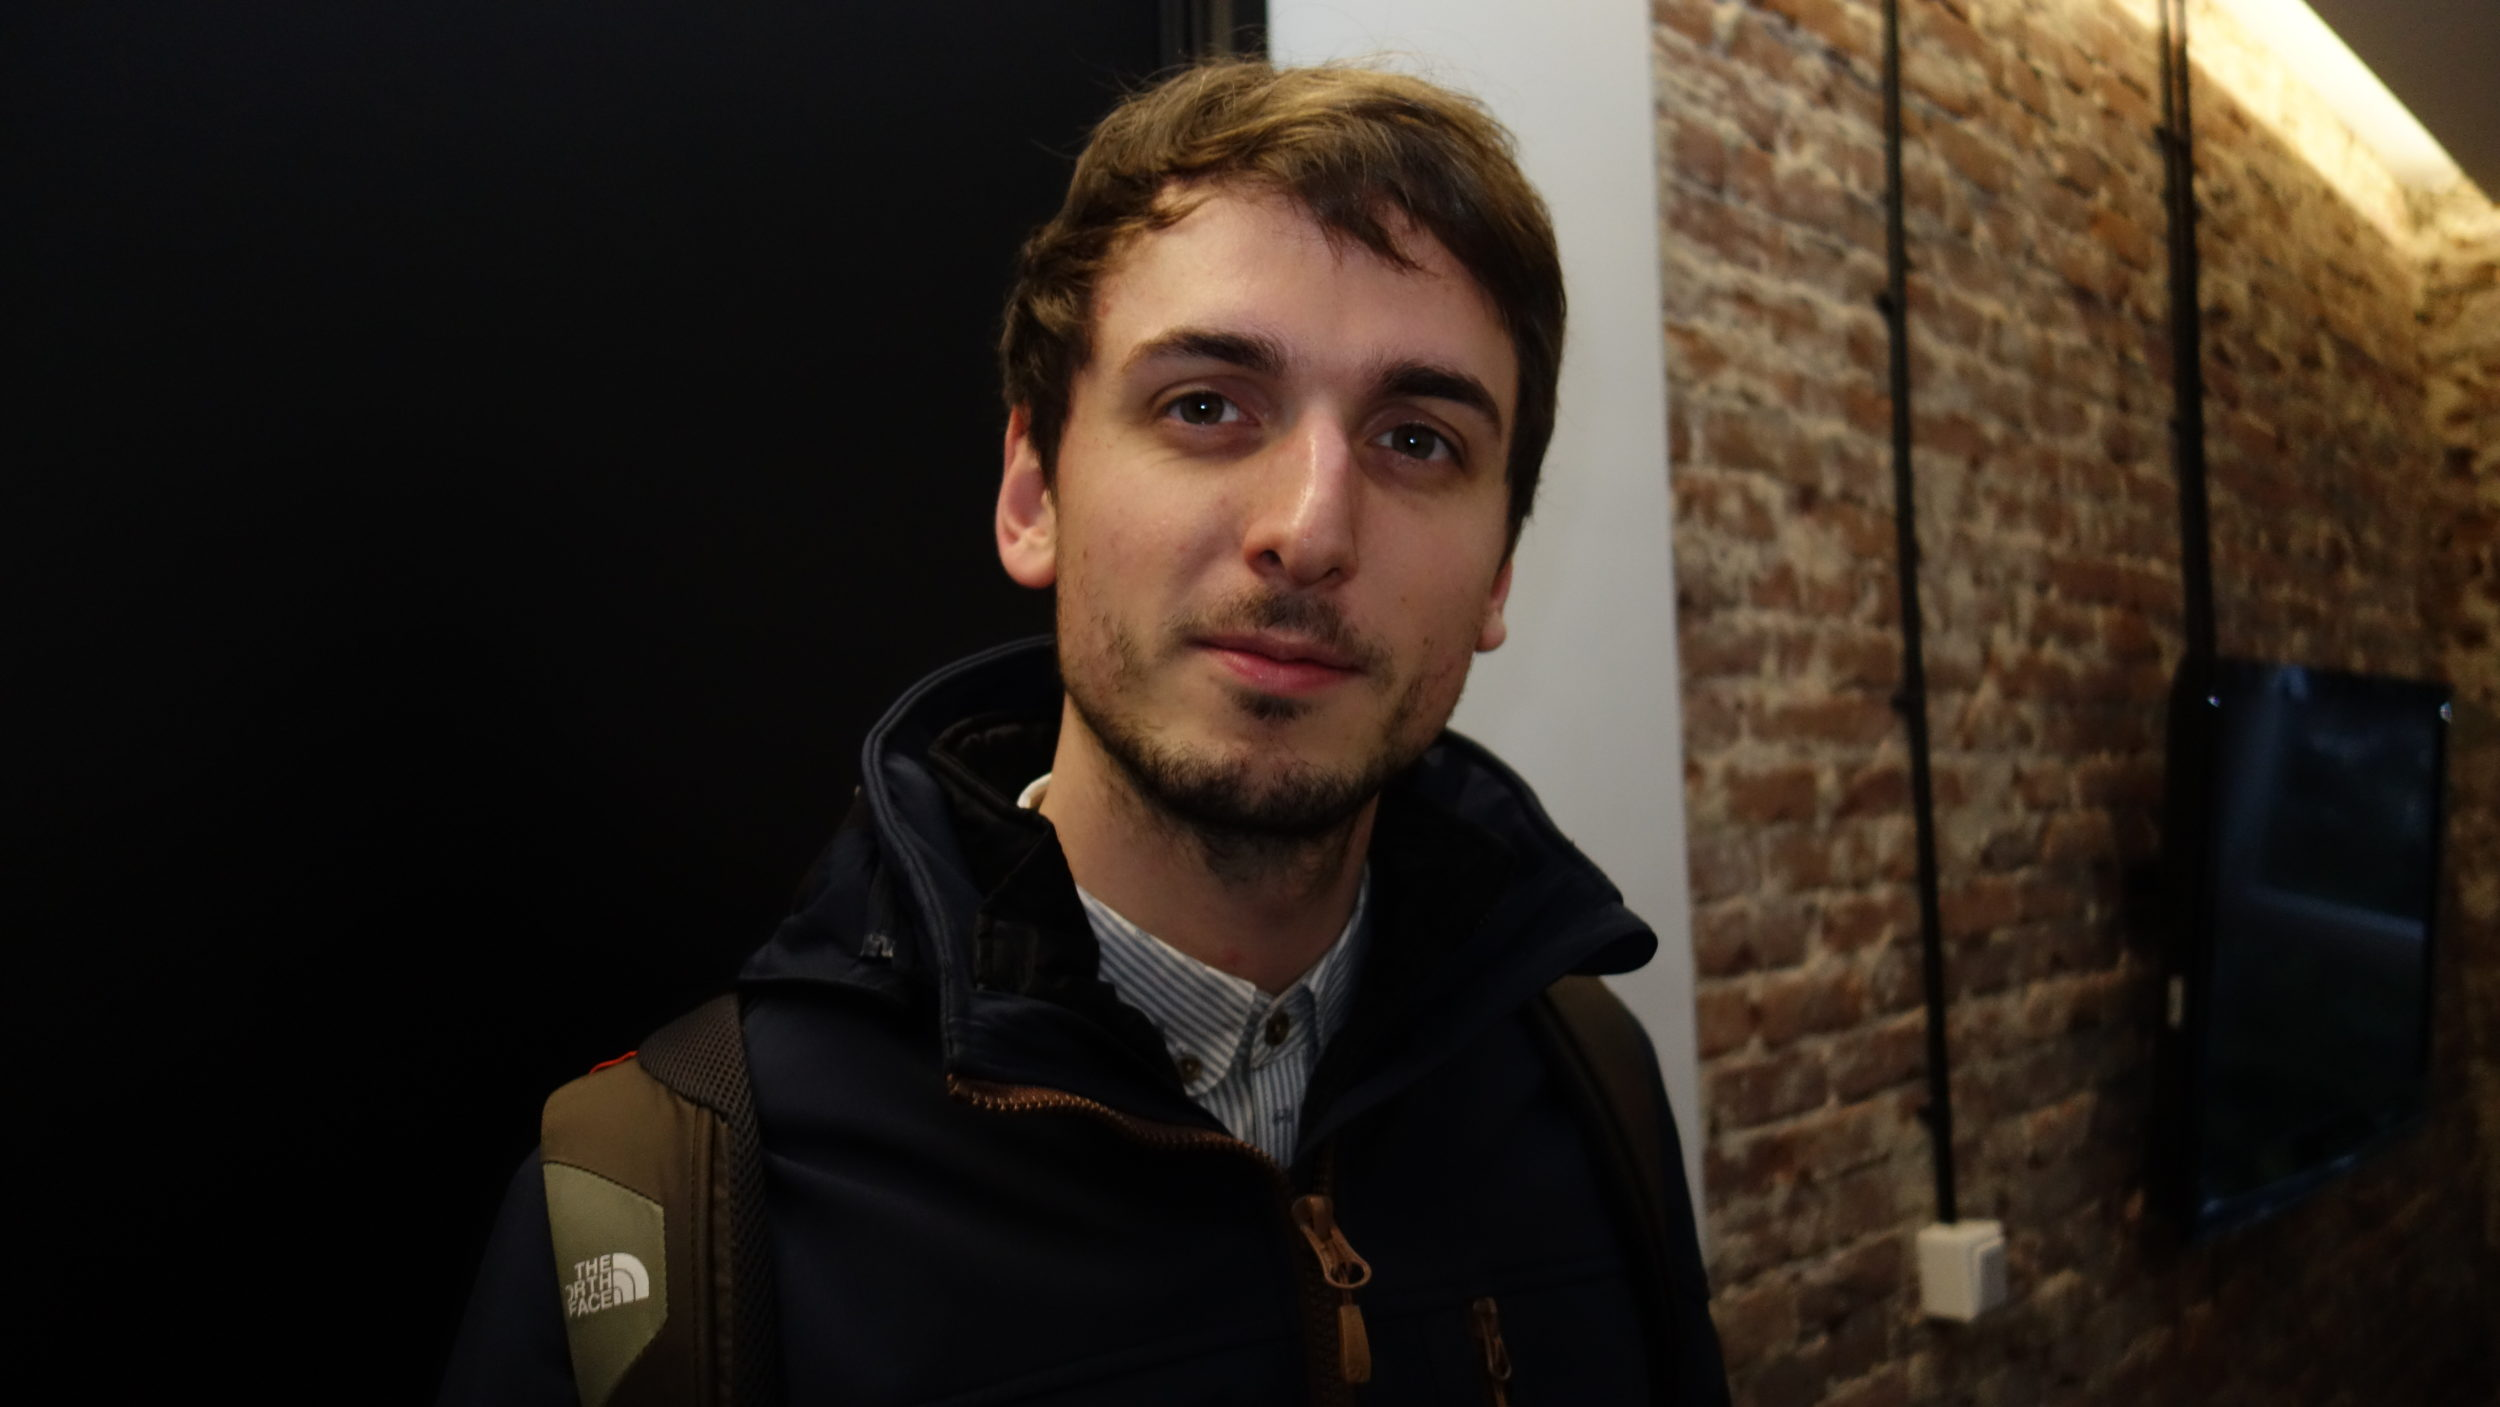 Michael Meyer-Spinner: Ich bin Bibliothekar in der Stadtbibliothek Osnabrück